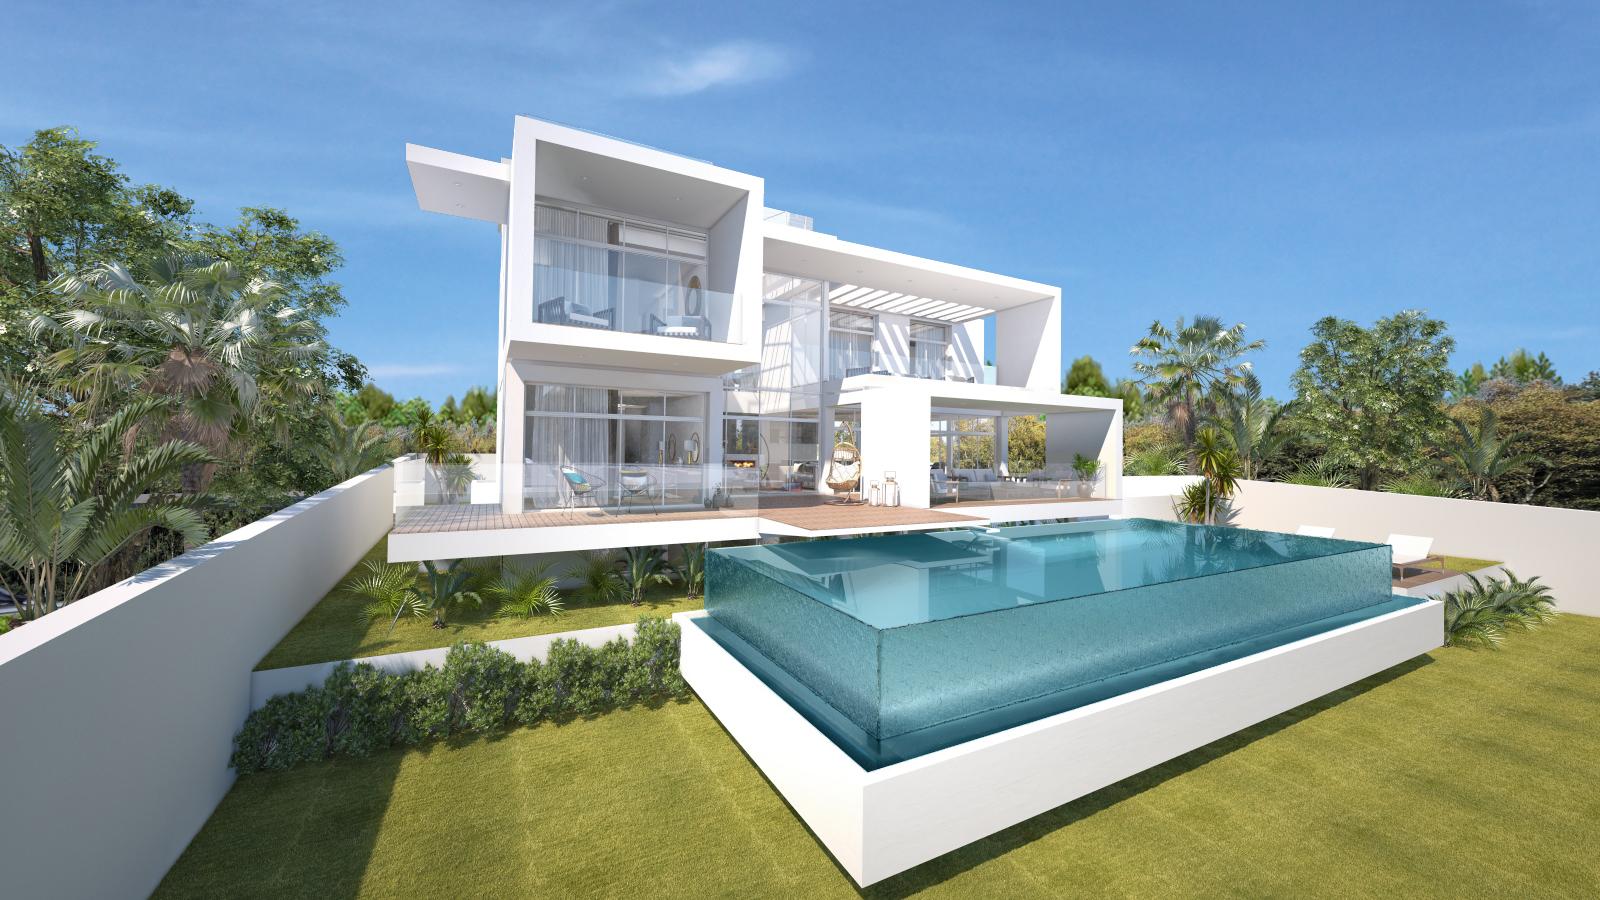 Купить новый дом или отремонтировать подержанный? - image Valle-Romano-Villa-Belma-2 on https://www.laconchaliving.com